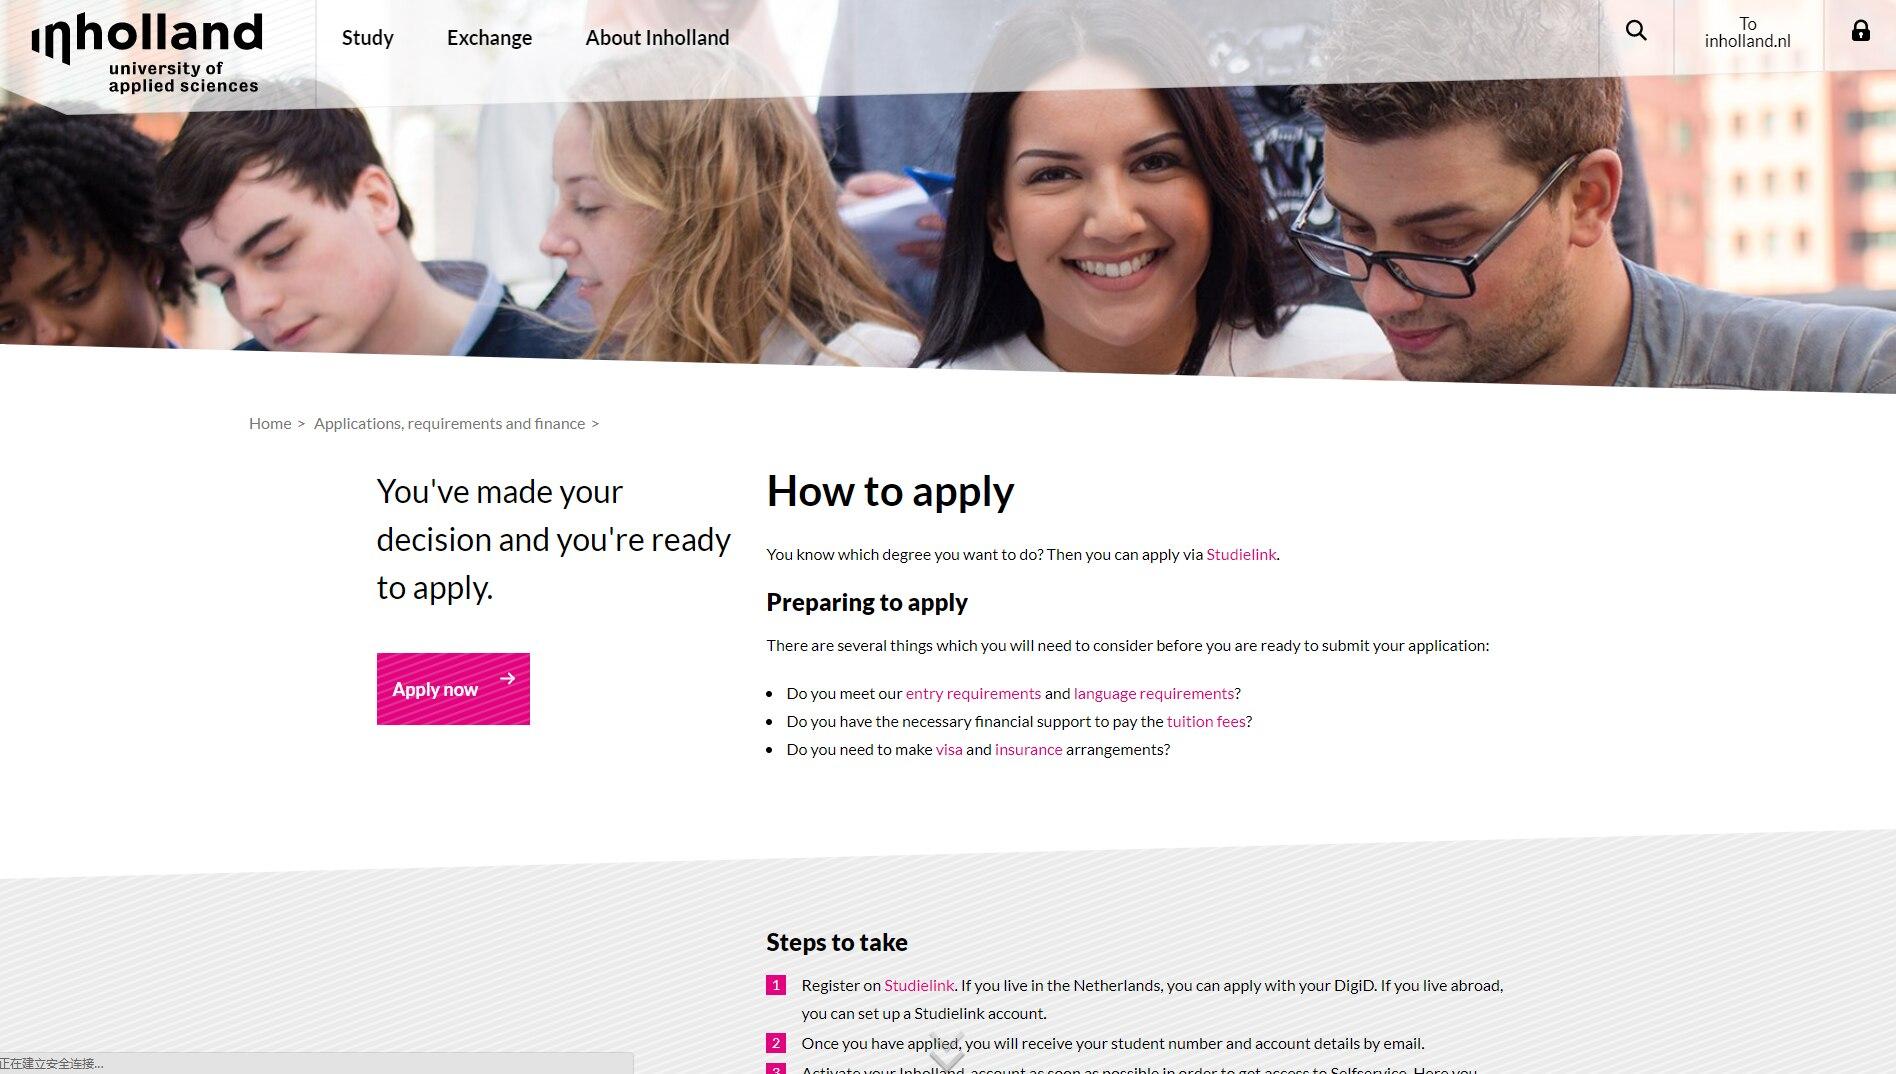 荷兰应用科技大学教育邮箱申请教程(Hogeschool Inholland)